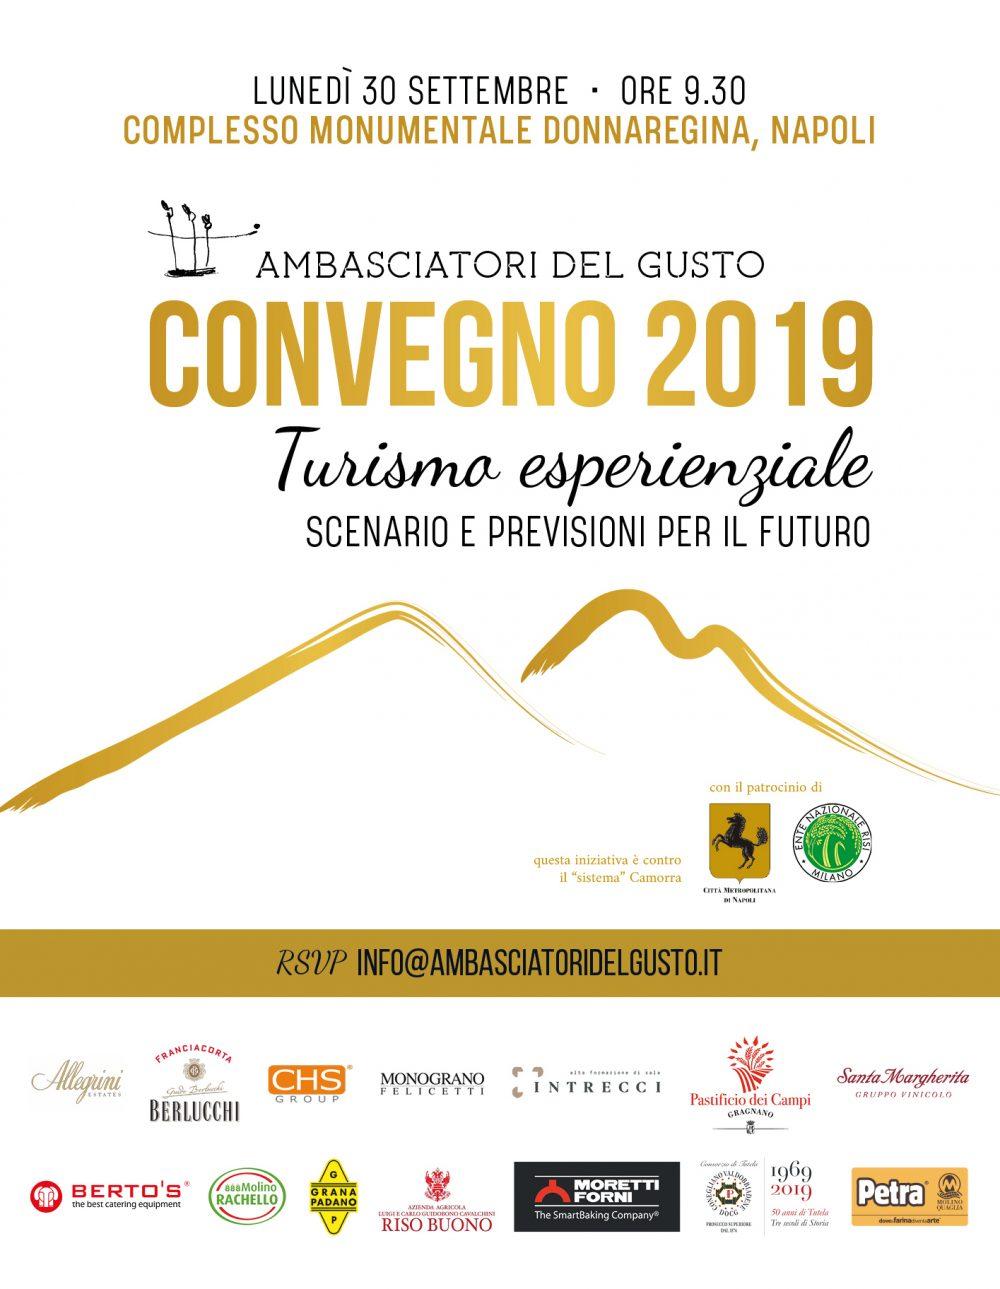 Associazione Italiana Ambasciatori del Gusto - Convegno